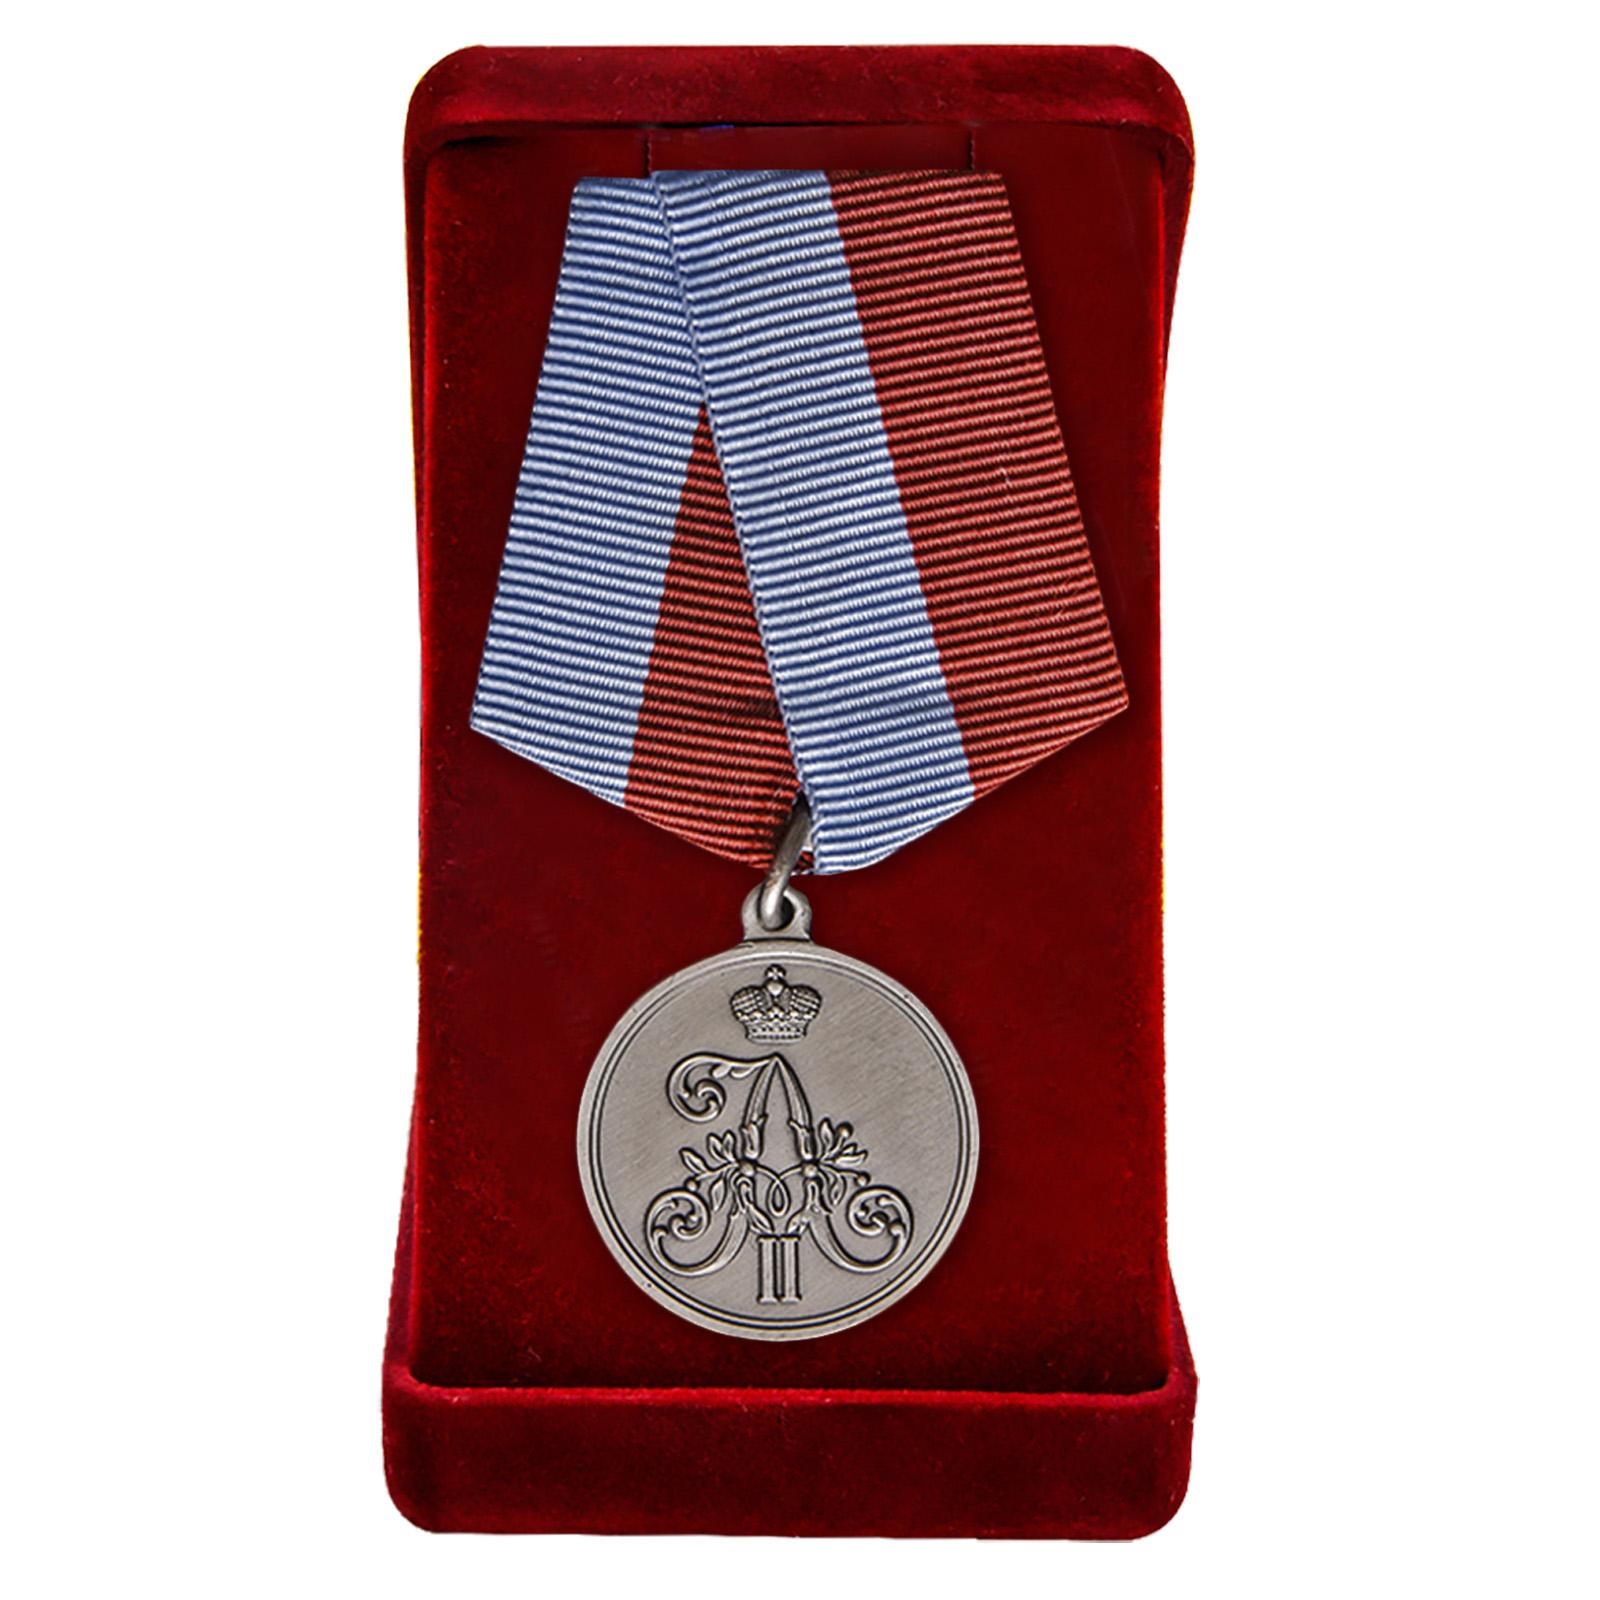 Купить памятную медаль 1 марта 1881 года оптом или в розницу